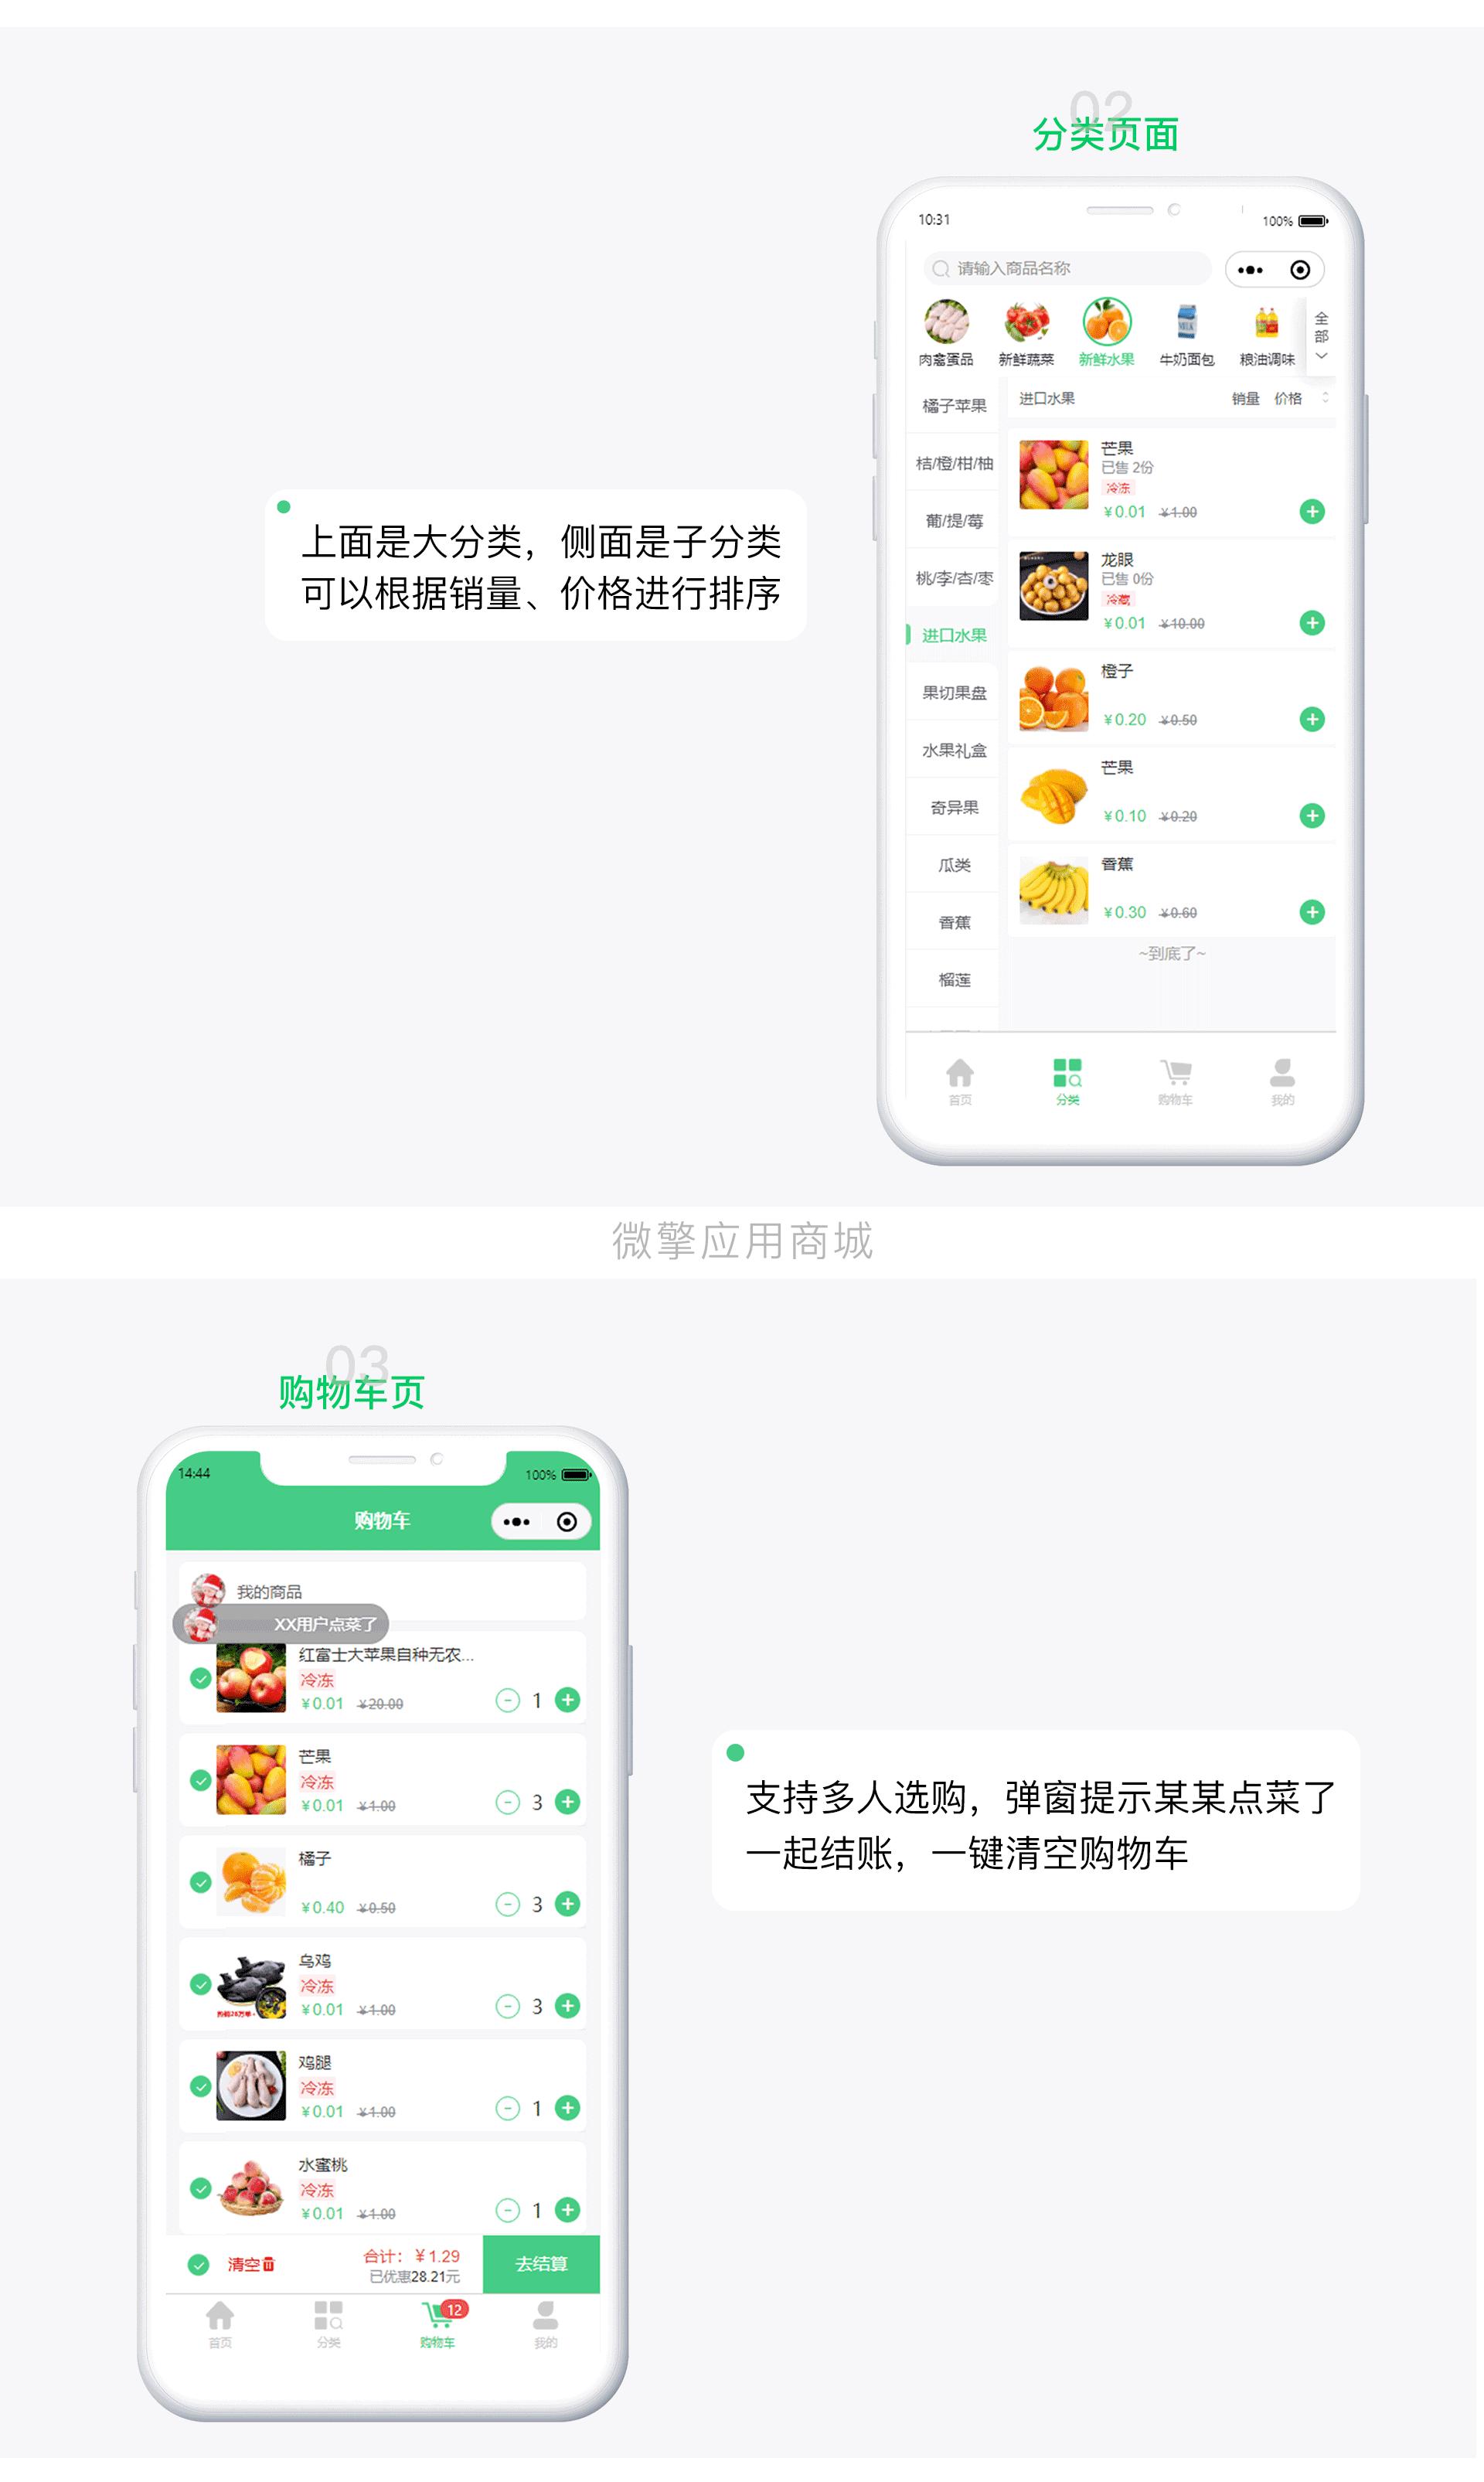 社区团购长图_02.png